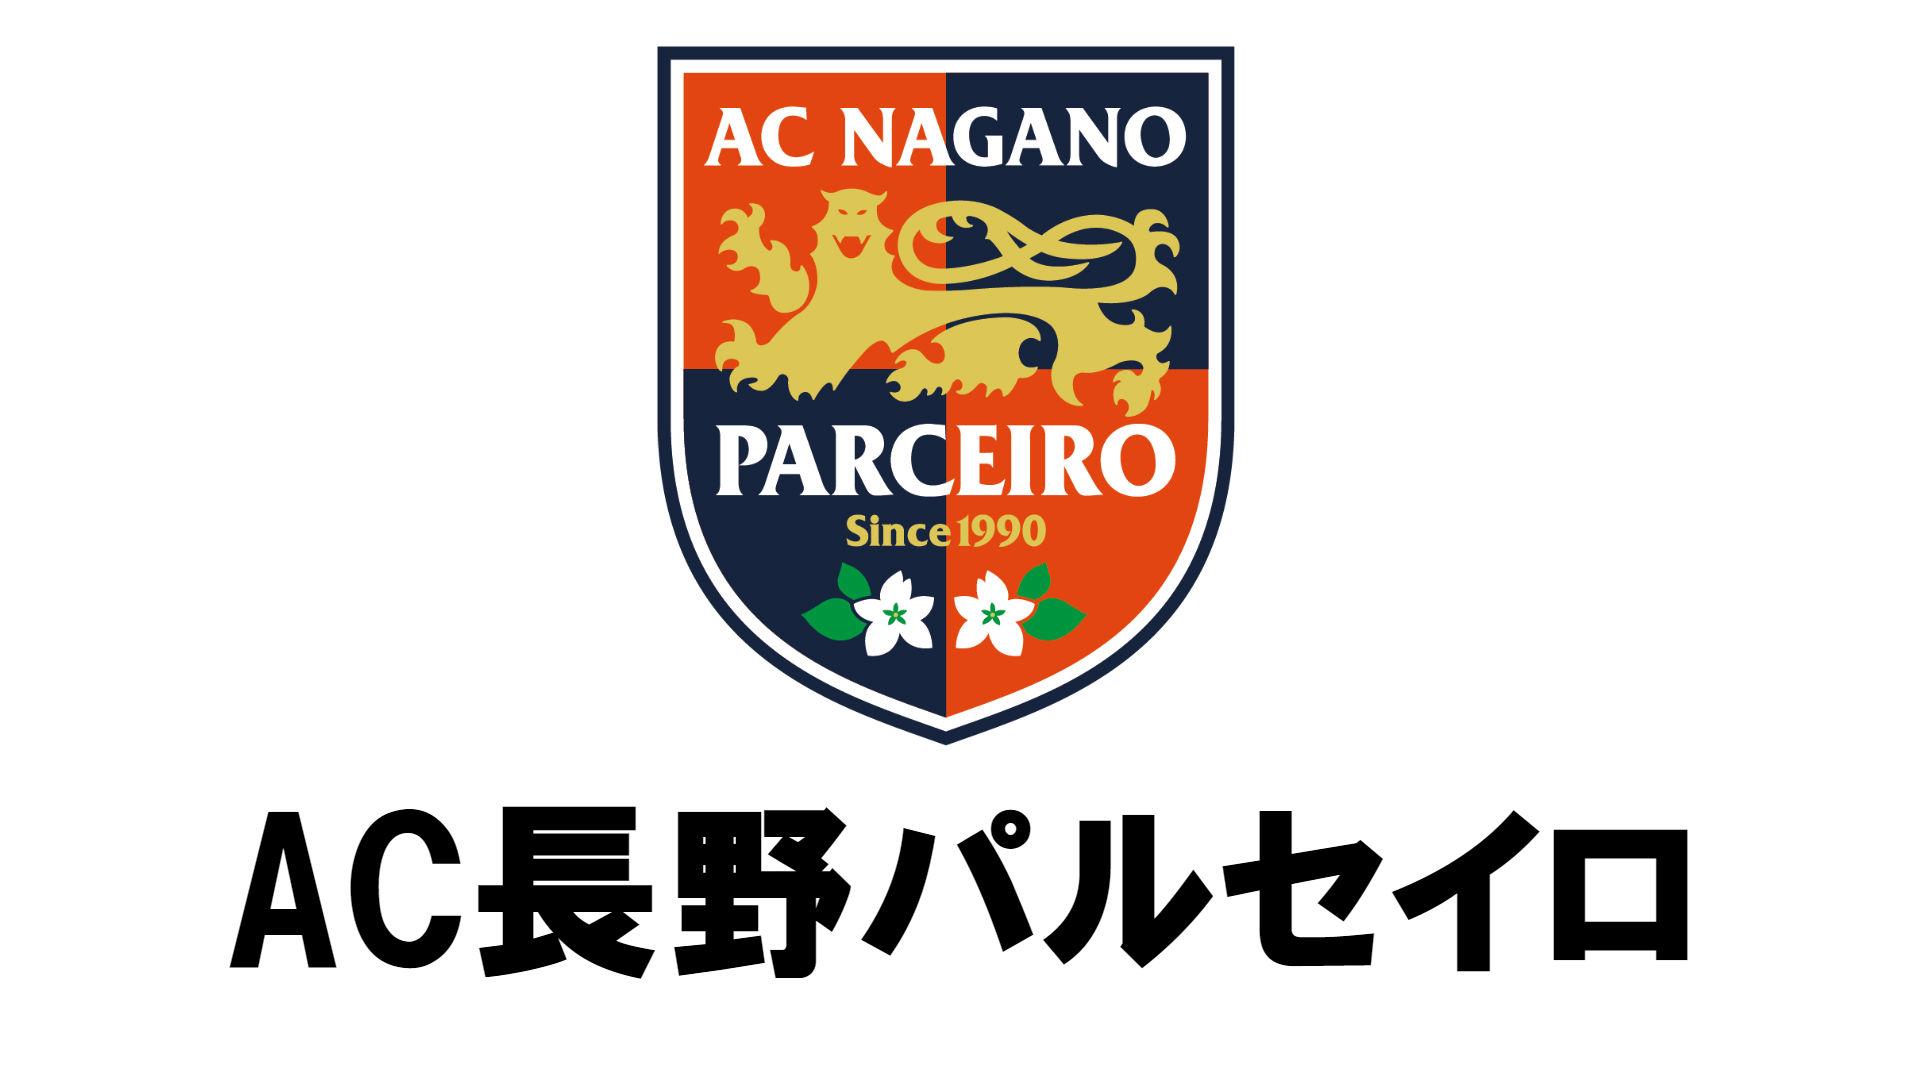 最新移籍情報】AC長野パルセイロ...